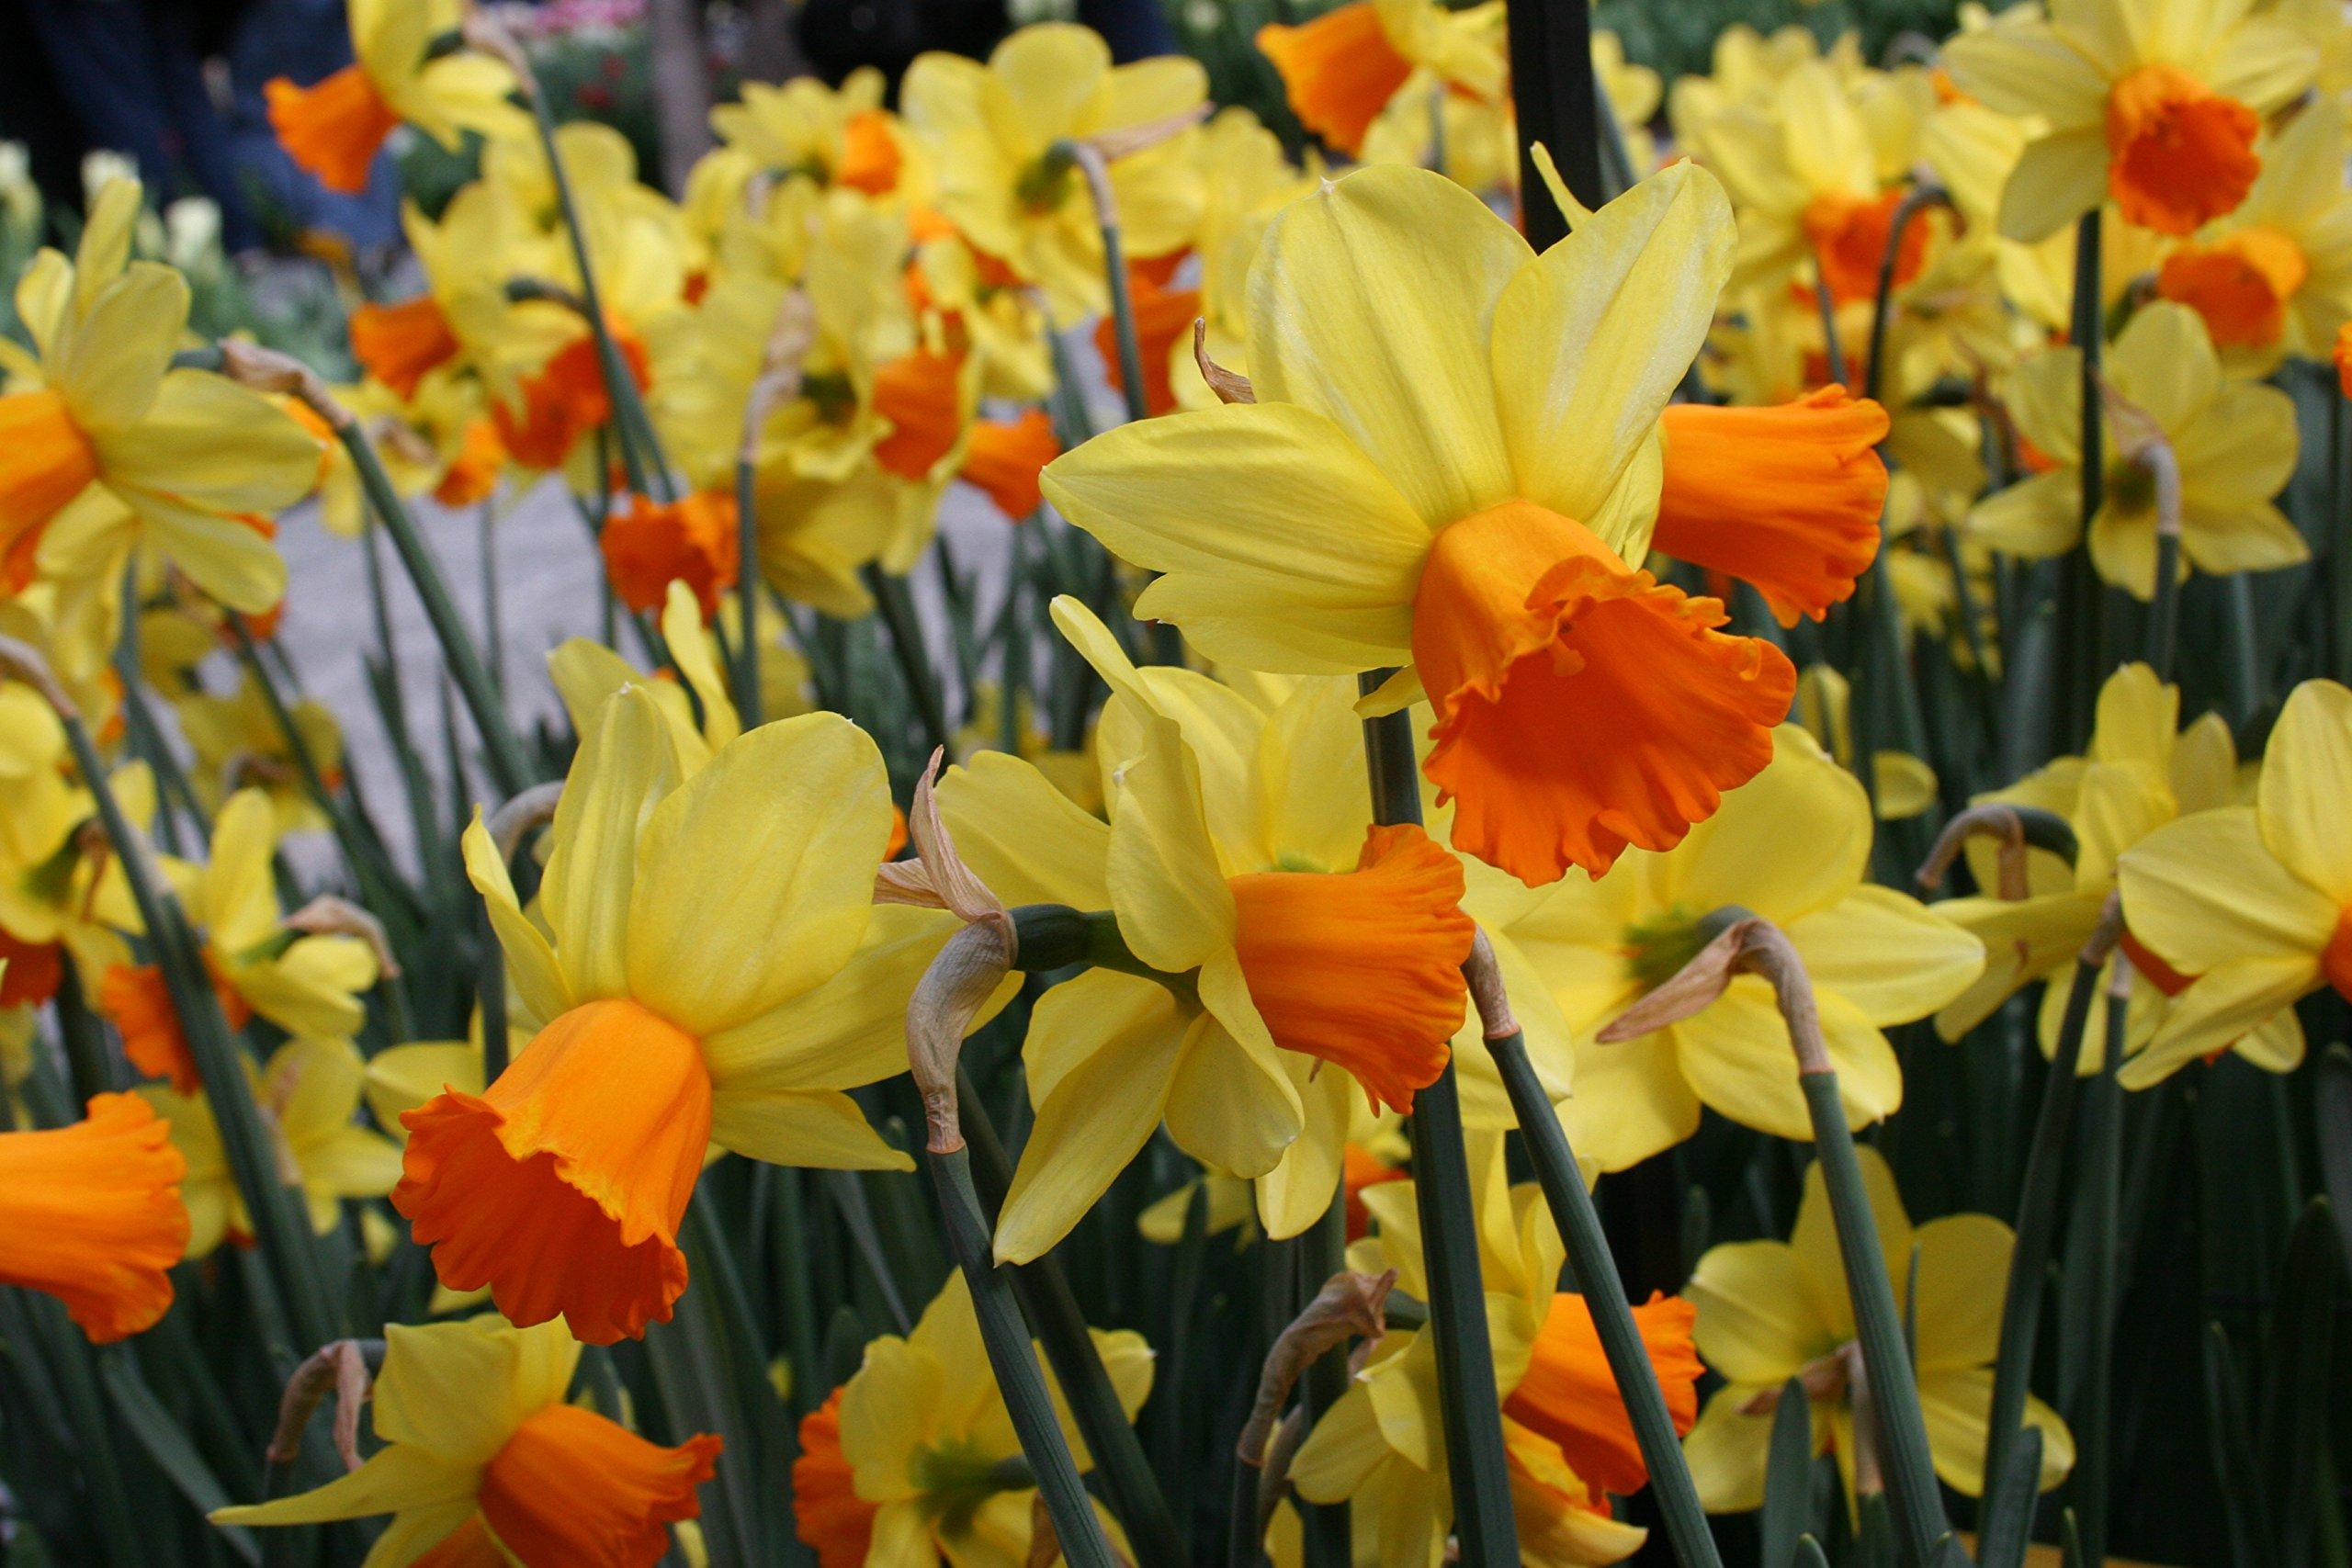 Scarlet Daffodils- 45 Perennial Daffodil Bulbs by Willard & May